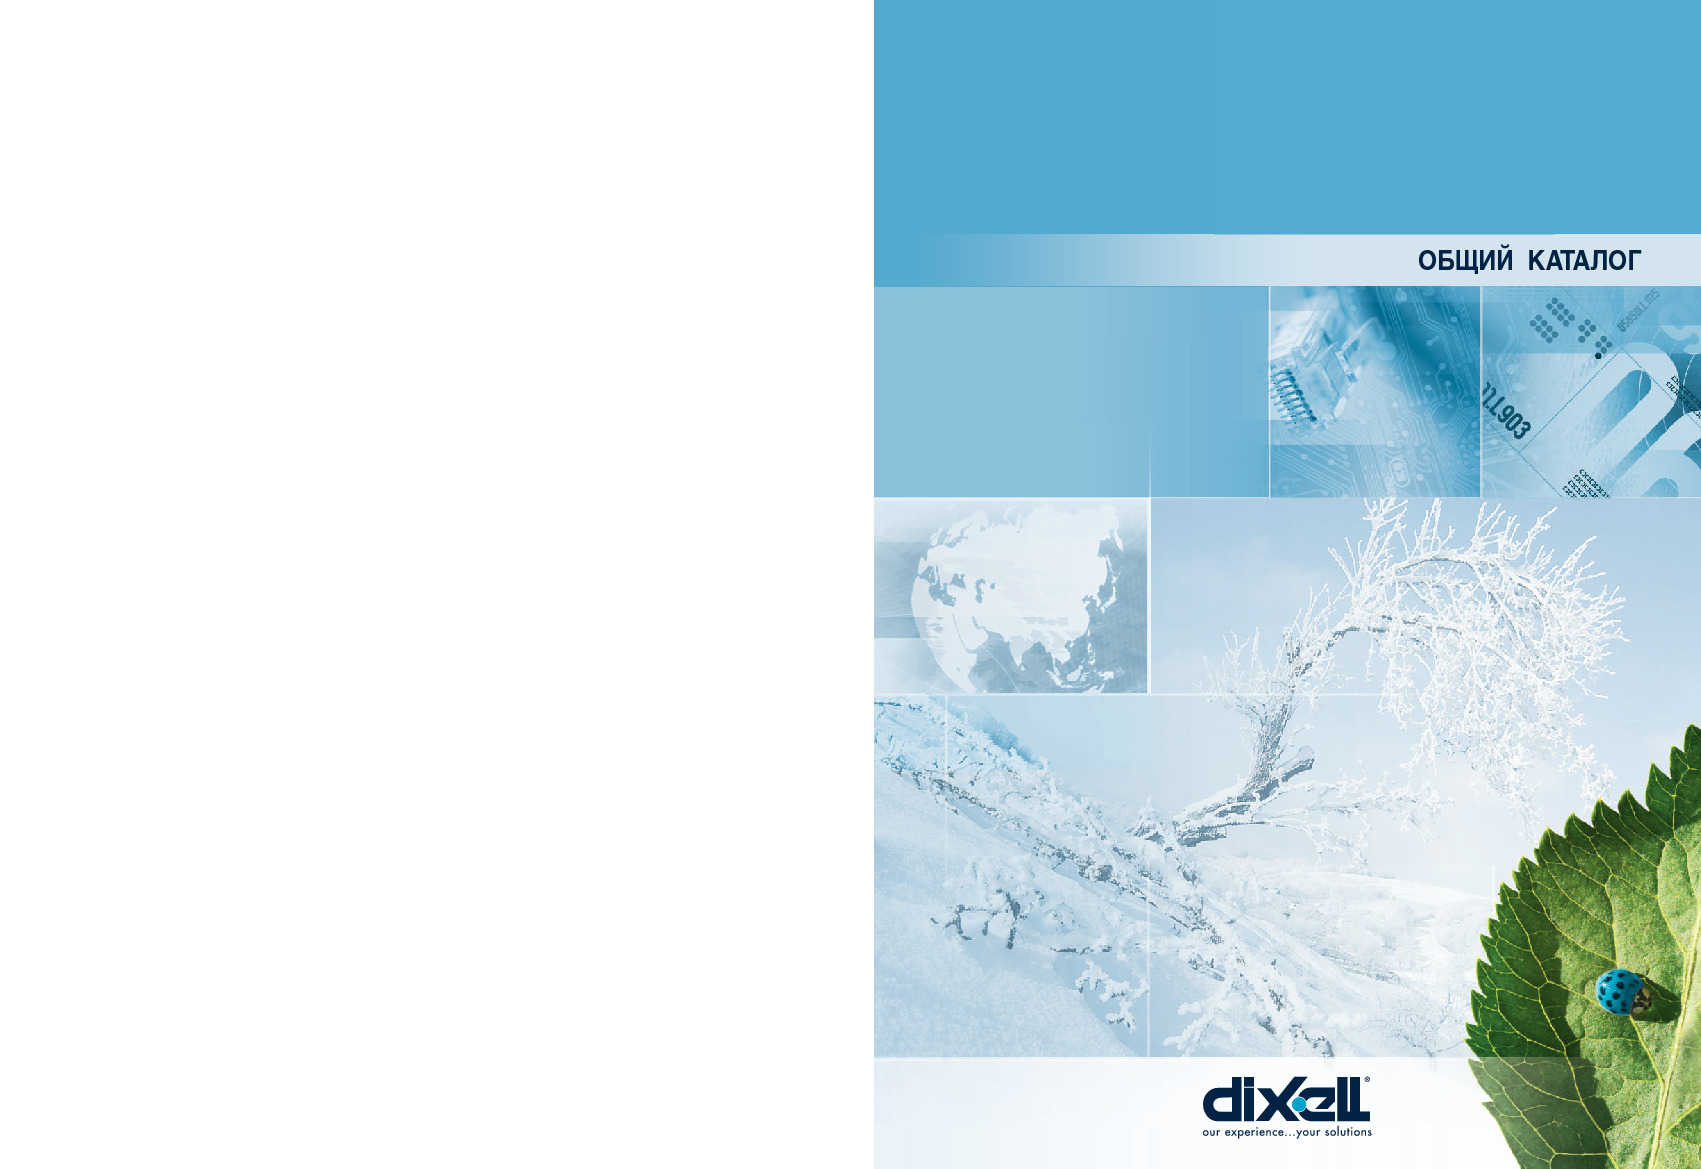 ОБЩИЙ КАТАЛОГ продукции Dixell